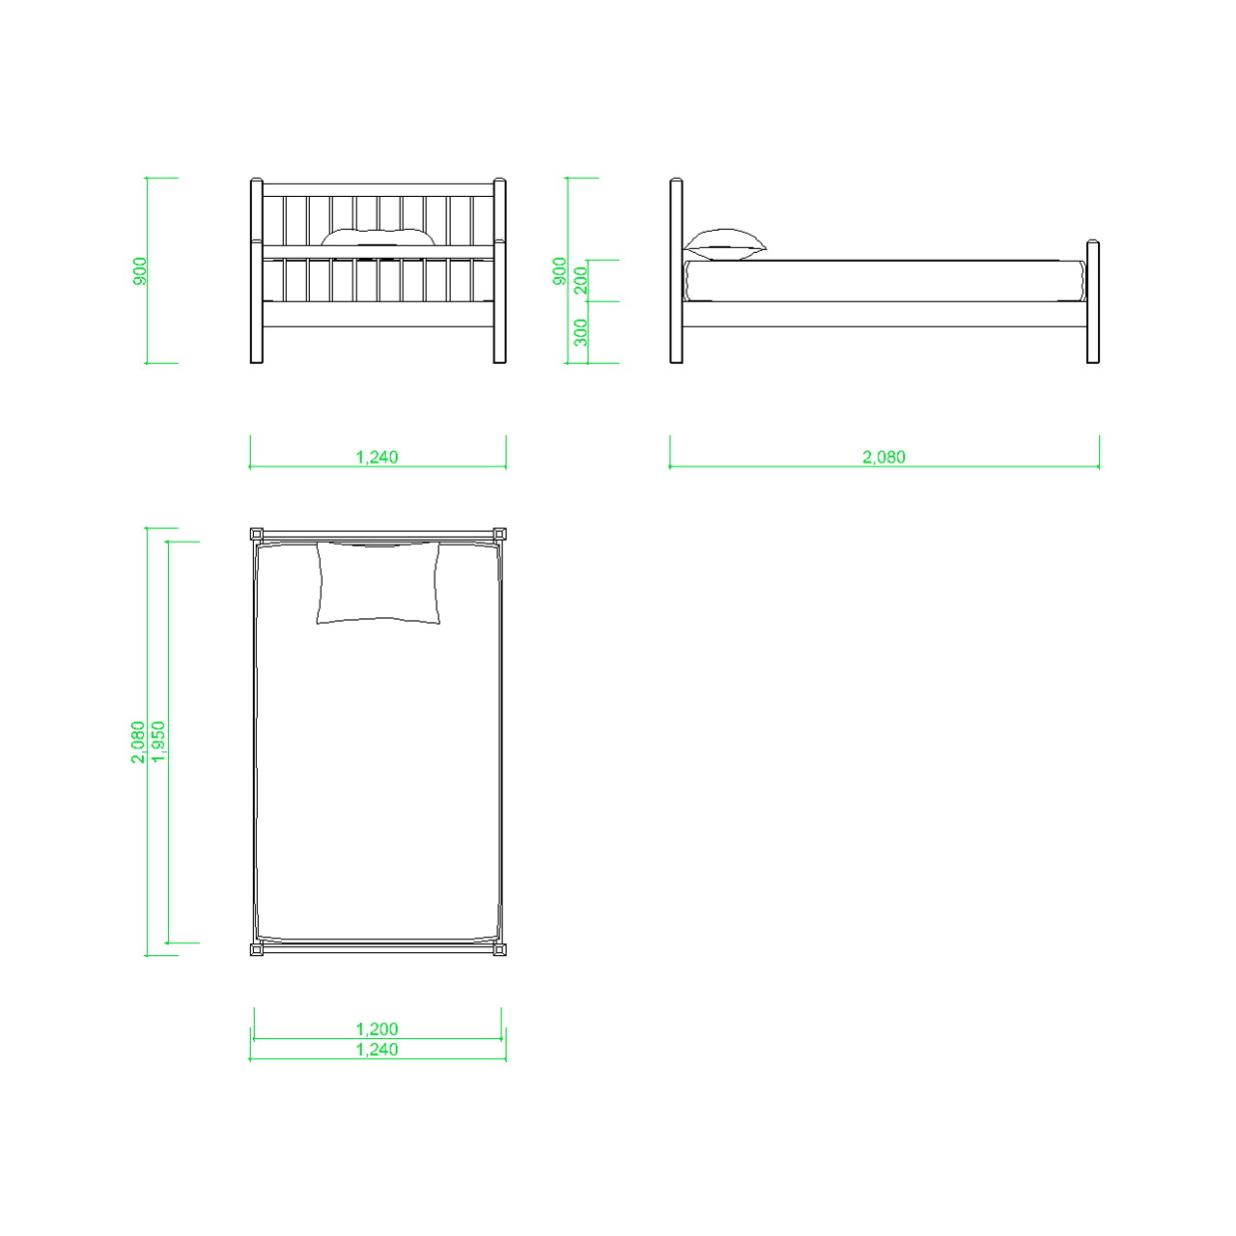 セミダブルサイズのベッドの2DCAD部品,無料,商用可能,フリー素材,フリーデータ,AUTOCAD,DWG,DXF,インテリア,interior,家具,furniture,bed,semi double